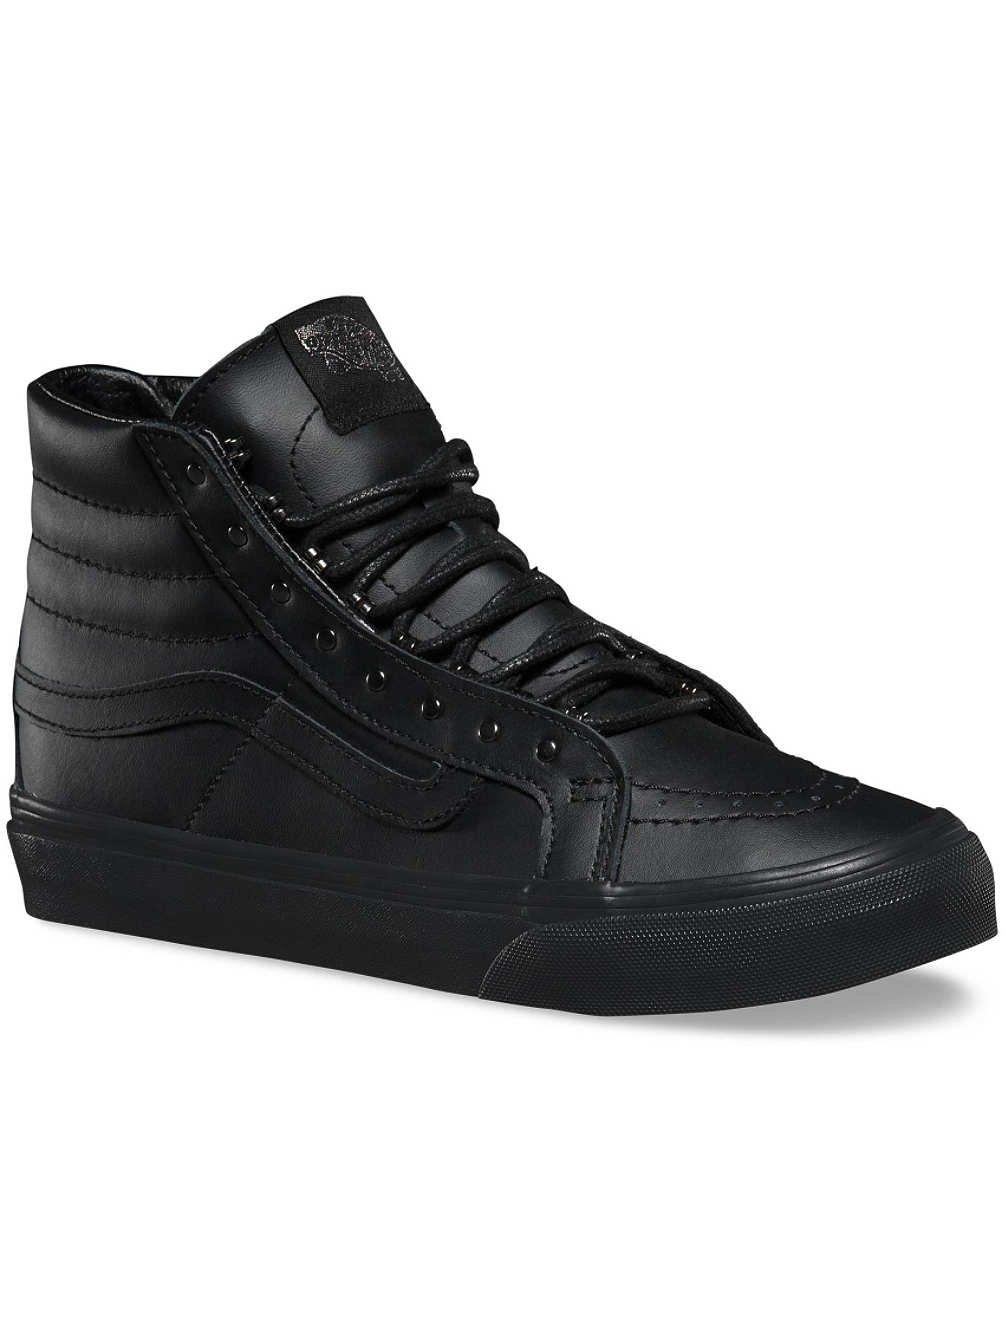 Vans Unisex-Erwachsene Sk8-Hi Slim Hohe Sneakers  39 EU (rivets) gunmetal/black